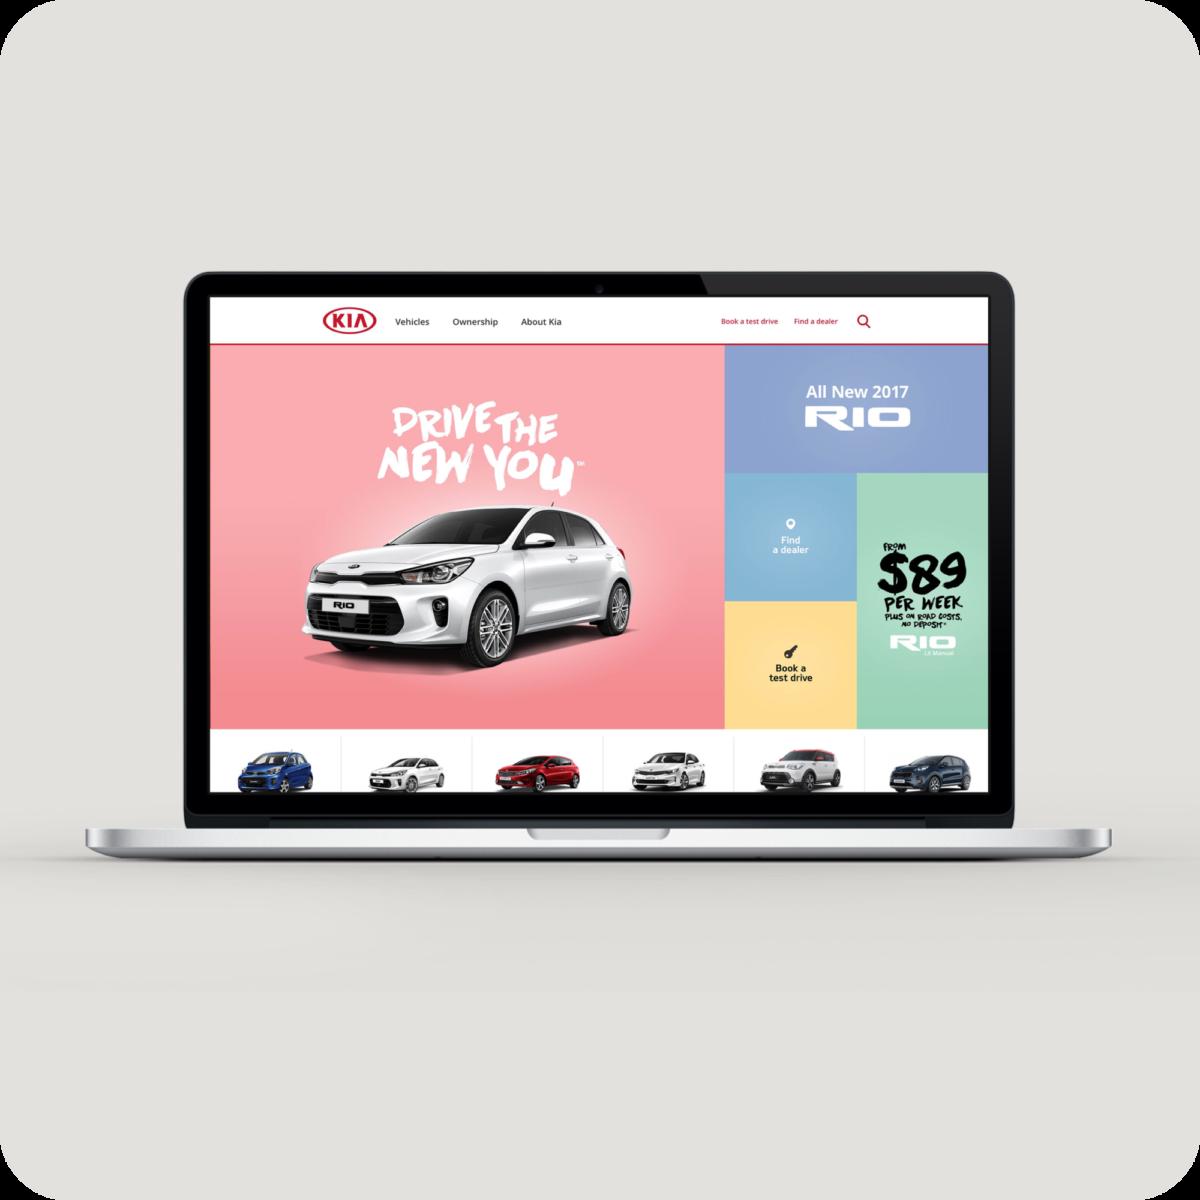 Macbook Kia layout design